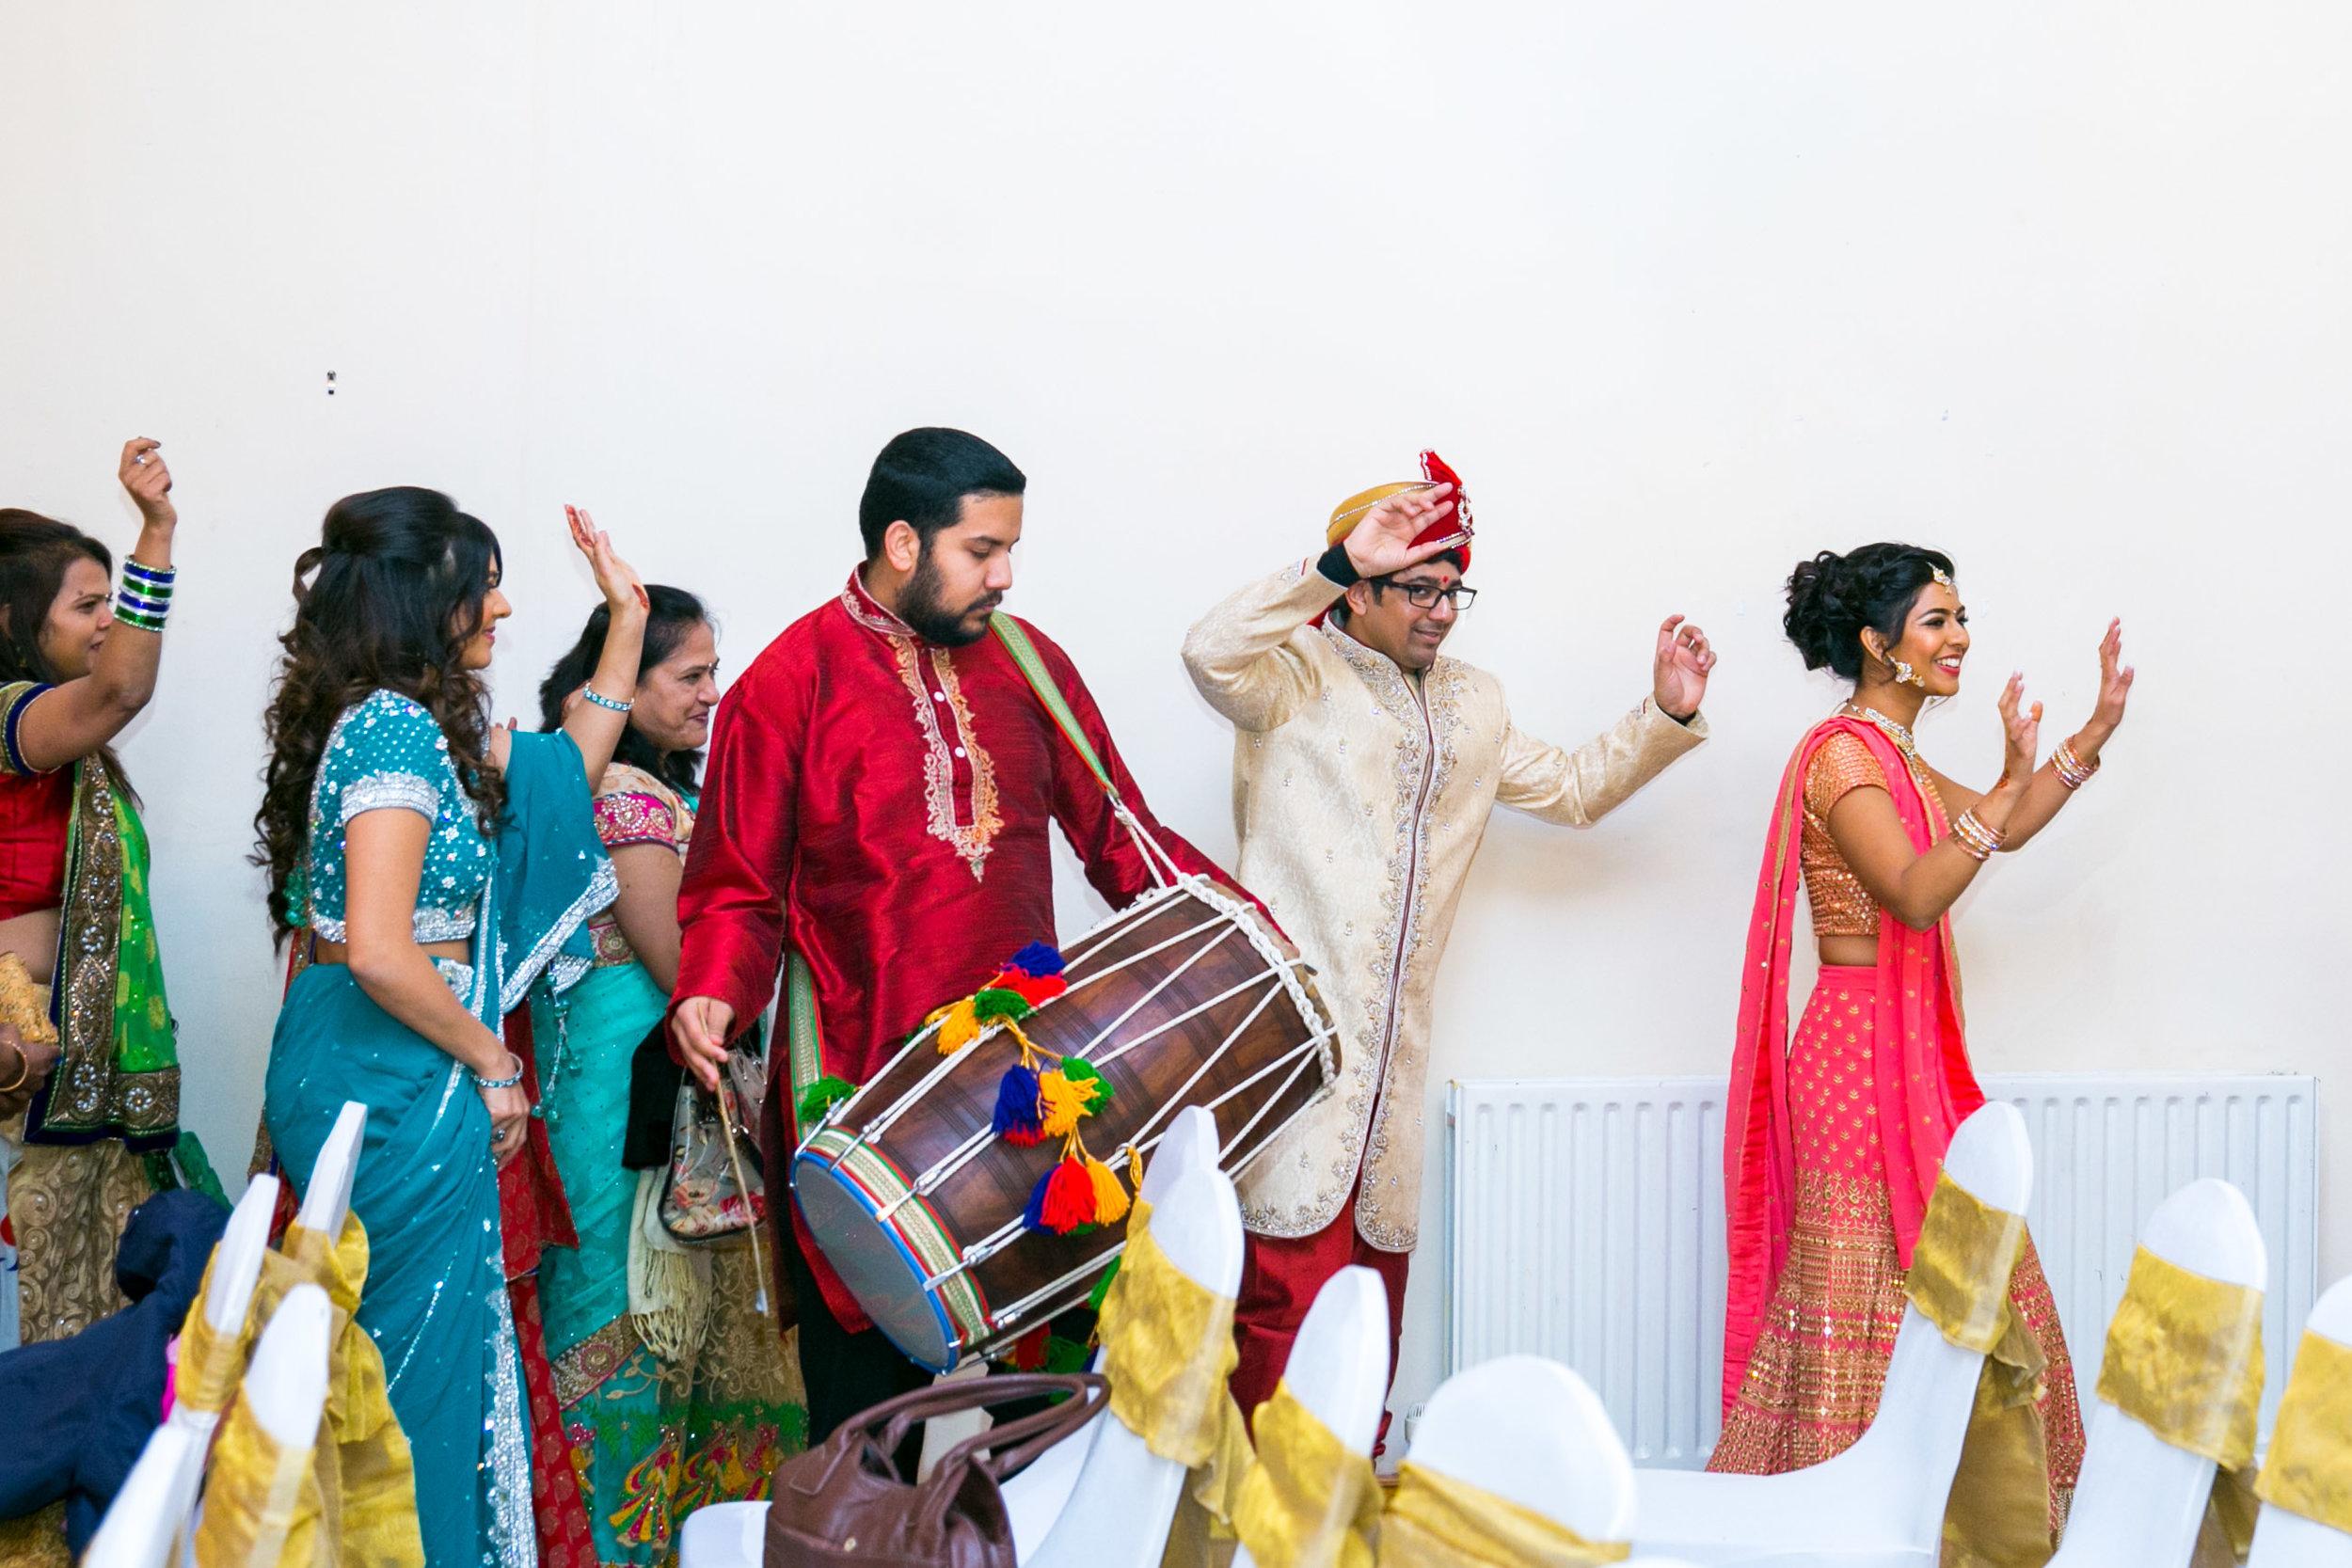 asian-Hindu-wedding-photographer-birmingham-abbey-park-leicester-natalia-smith-photography-26.jpg